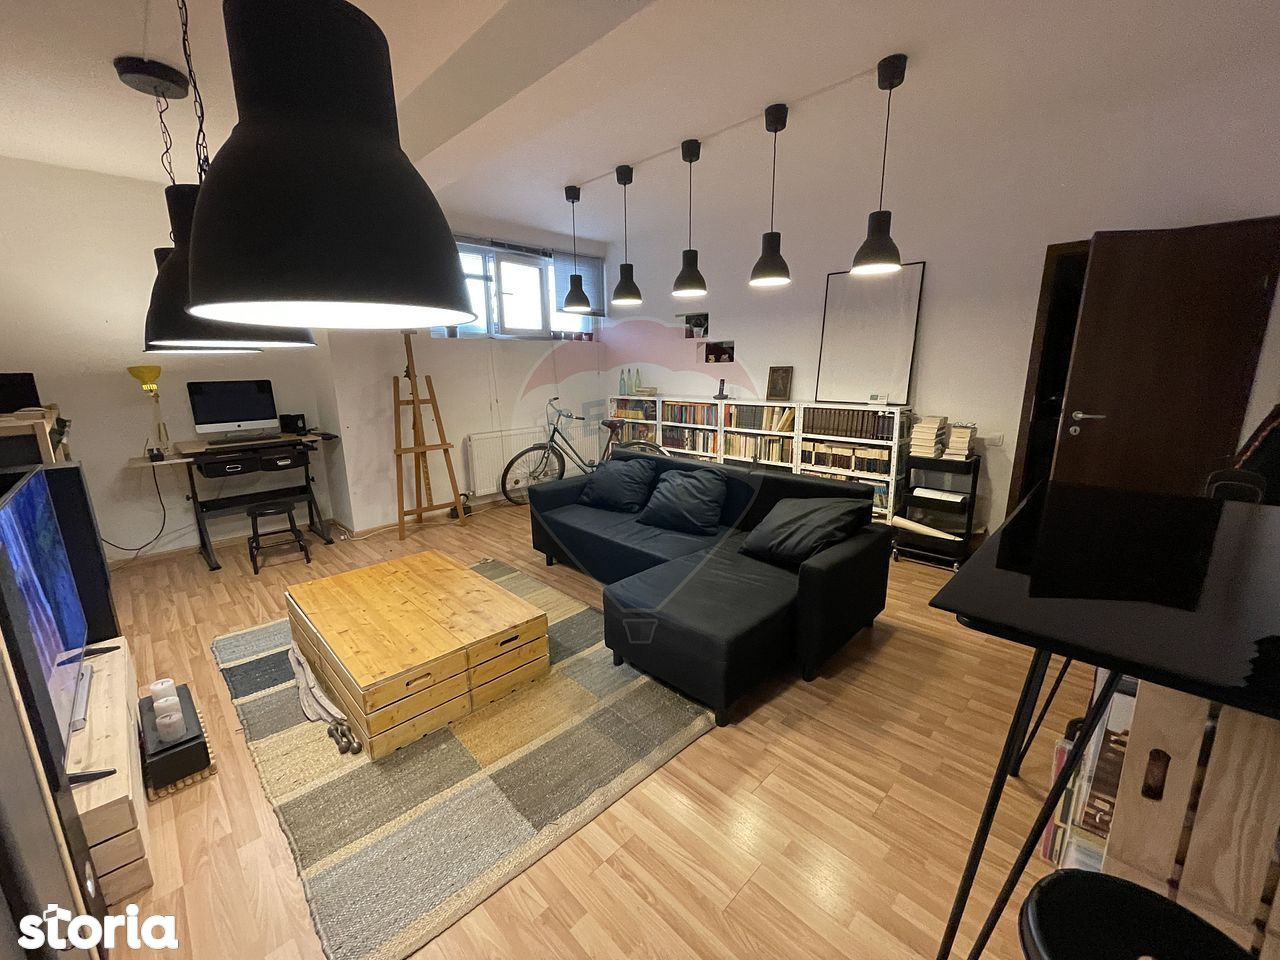 Apartament 2 camere, soseaua Oltenitei, langa Romprim / Petrom